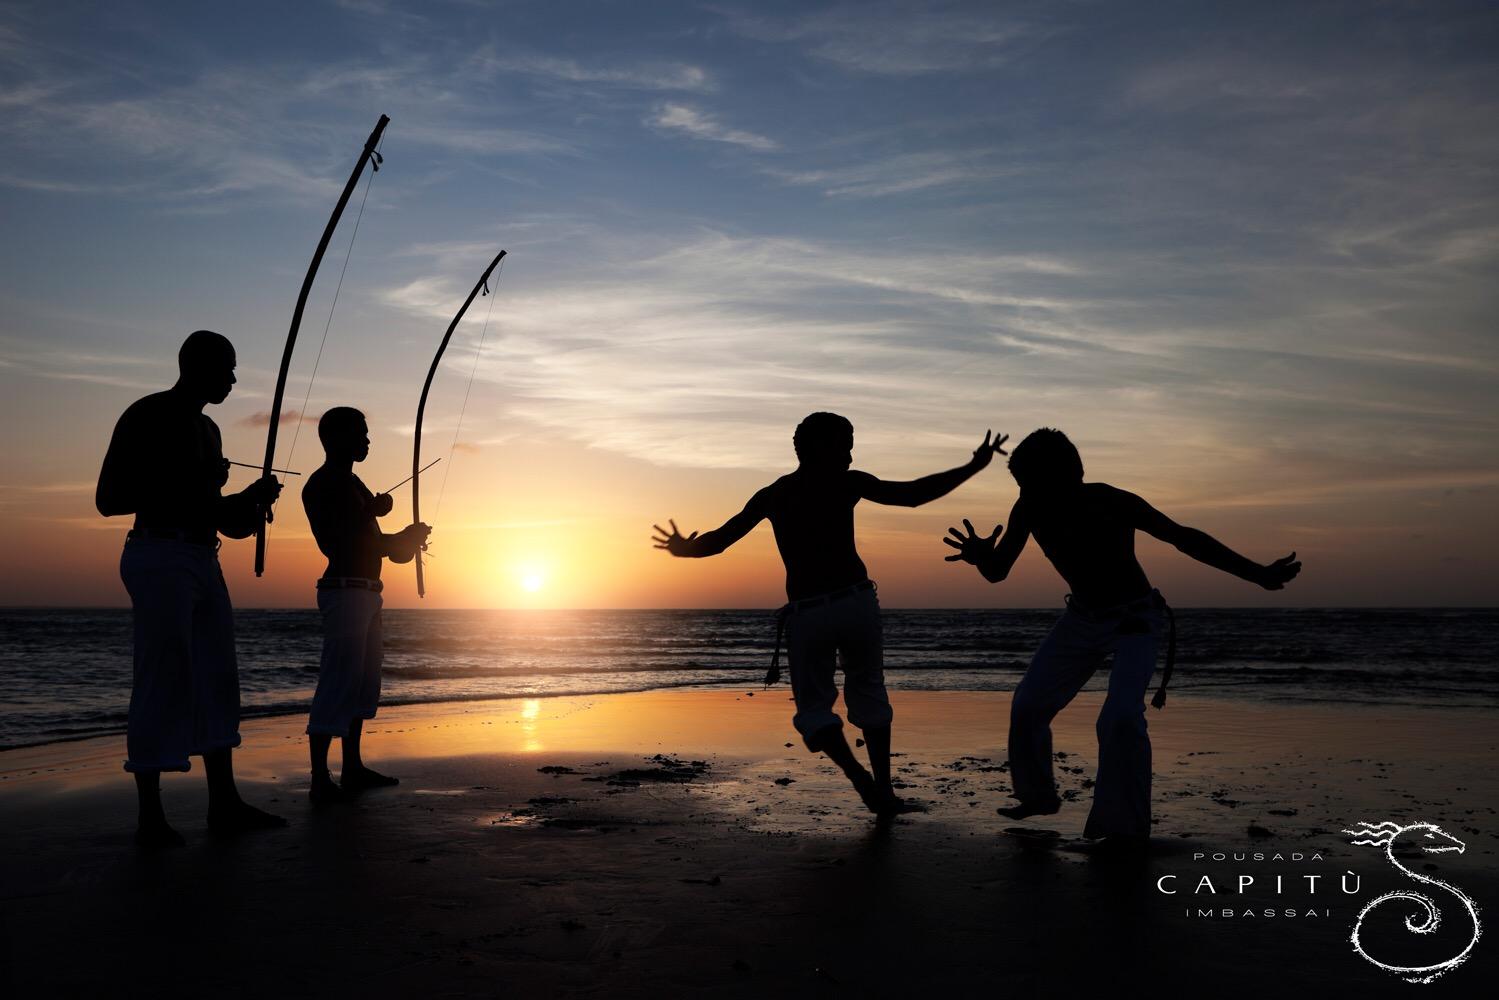 Des joueurs de capoeira sur la plage d'Imbassai